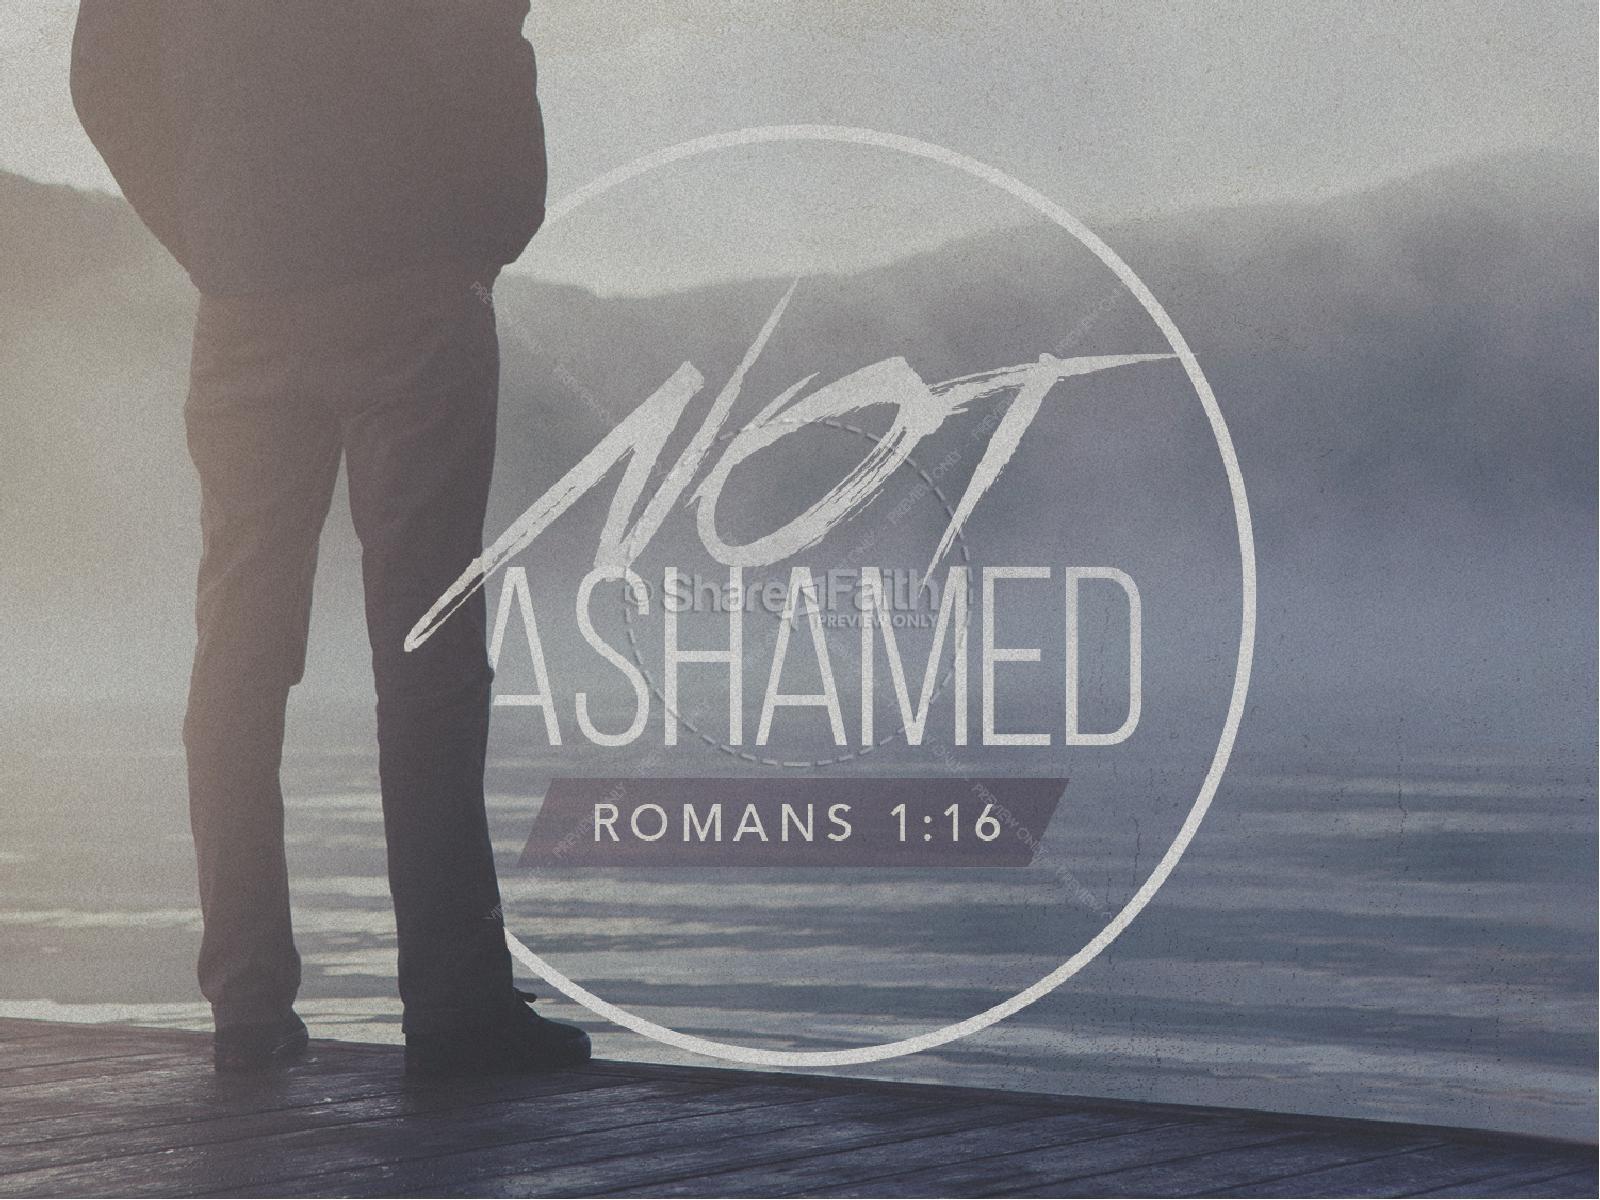 Not Ashamed Church PowerPoint | slide 1